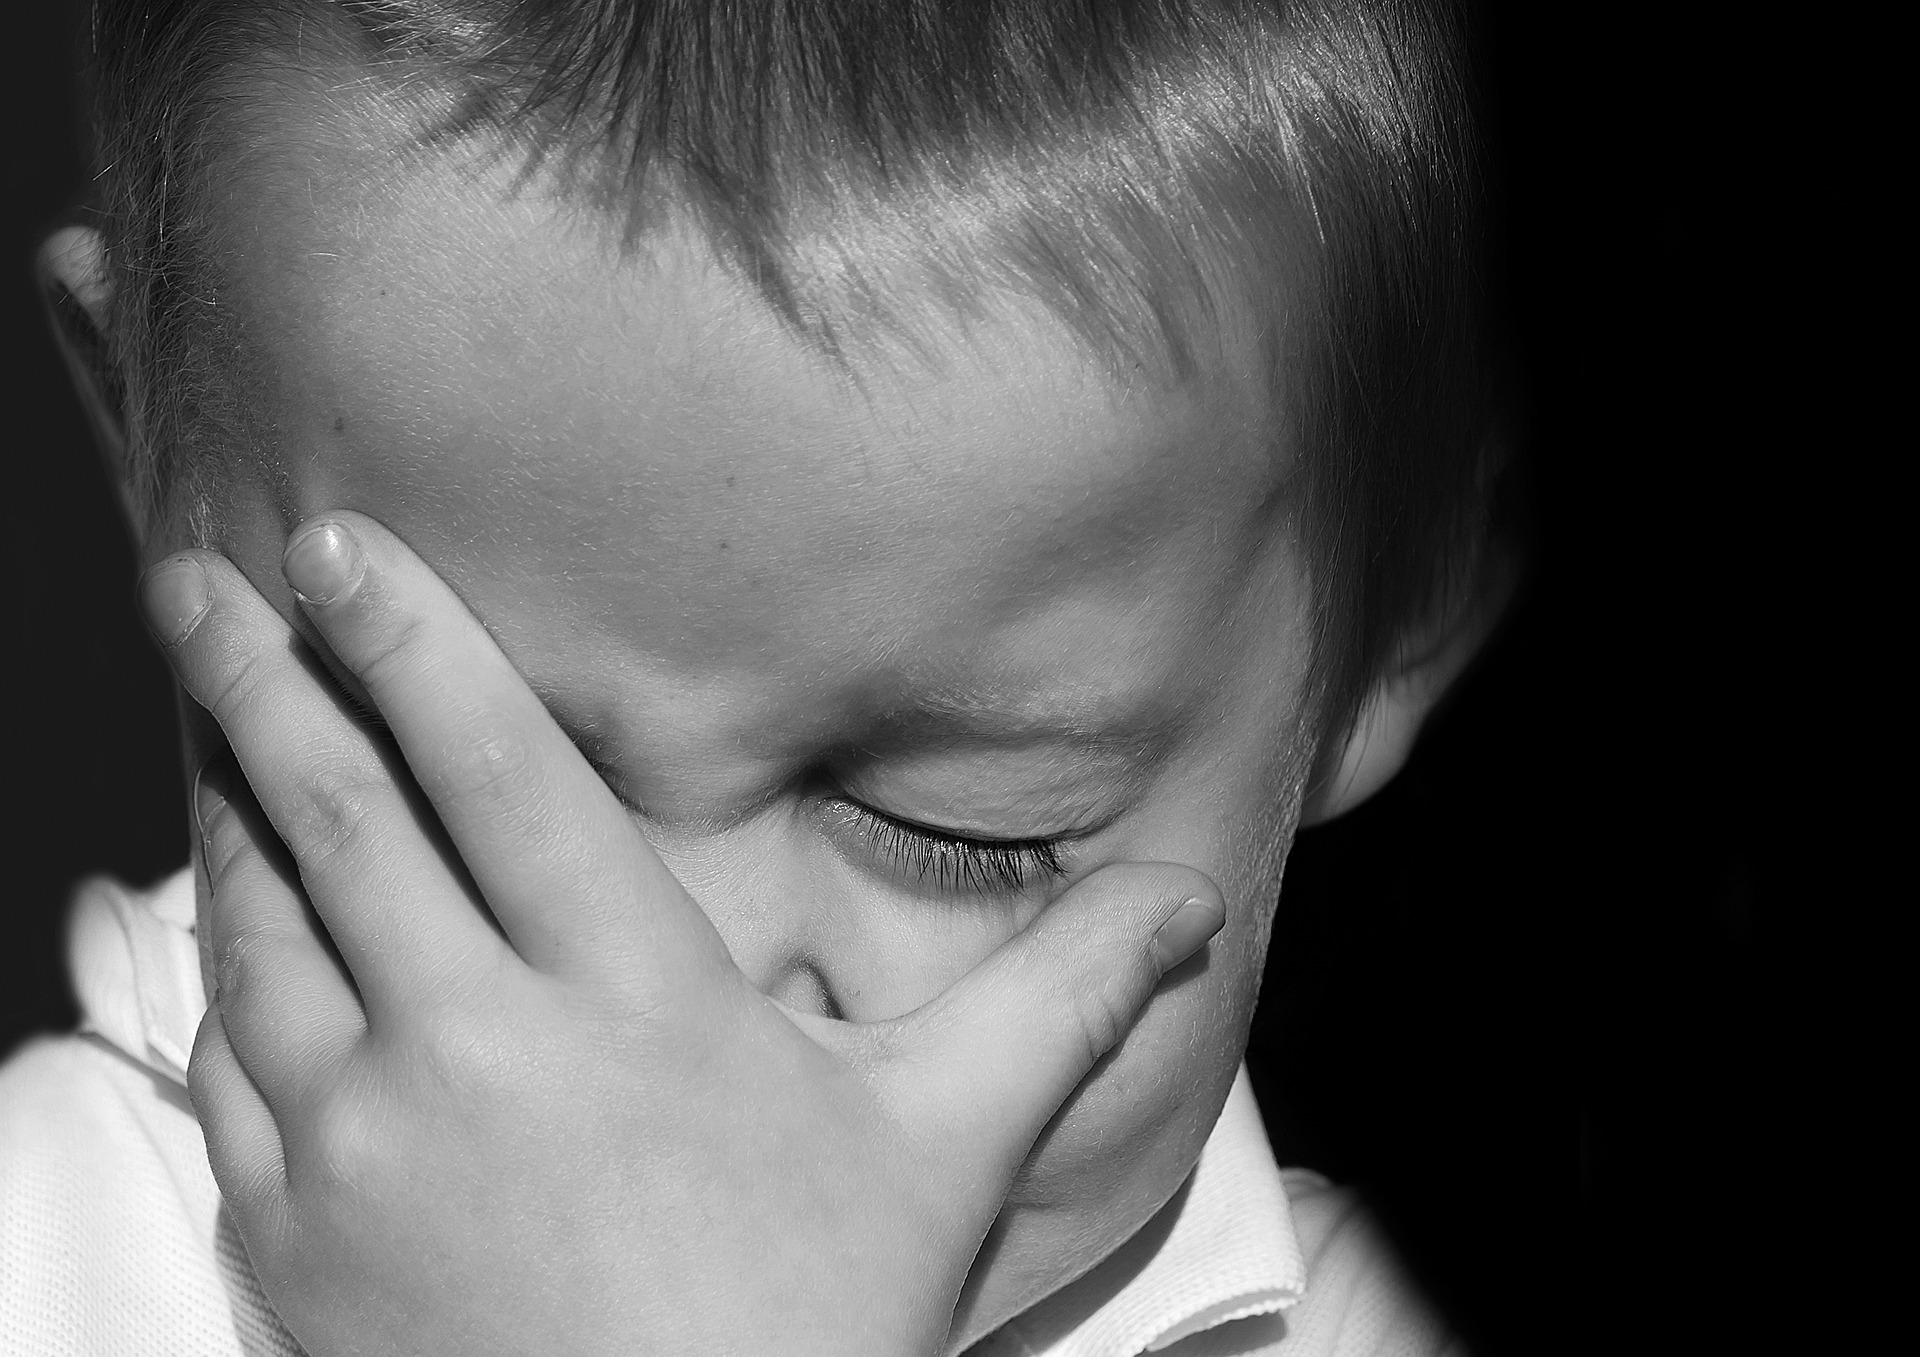 Zdjęcie ilustracyjne: płaczące dziecko